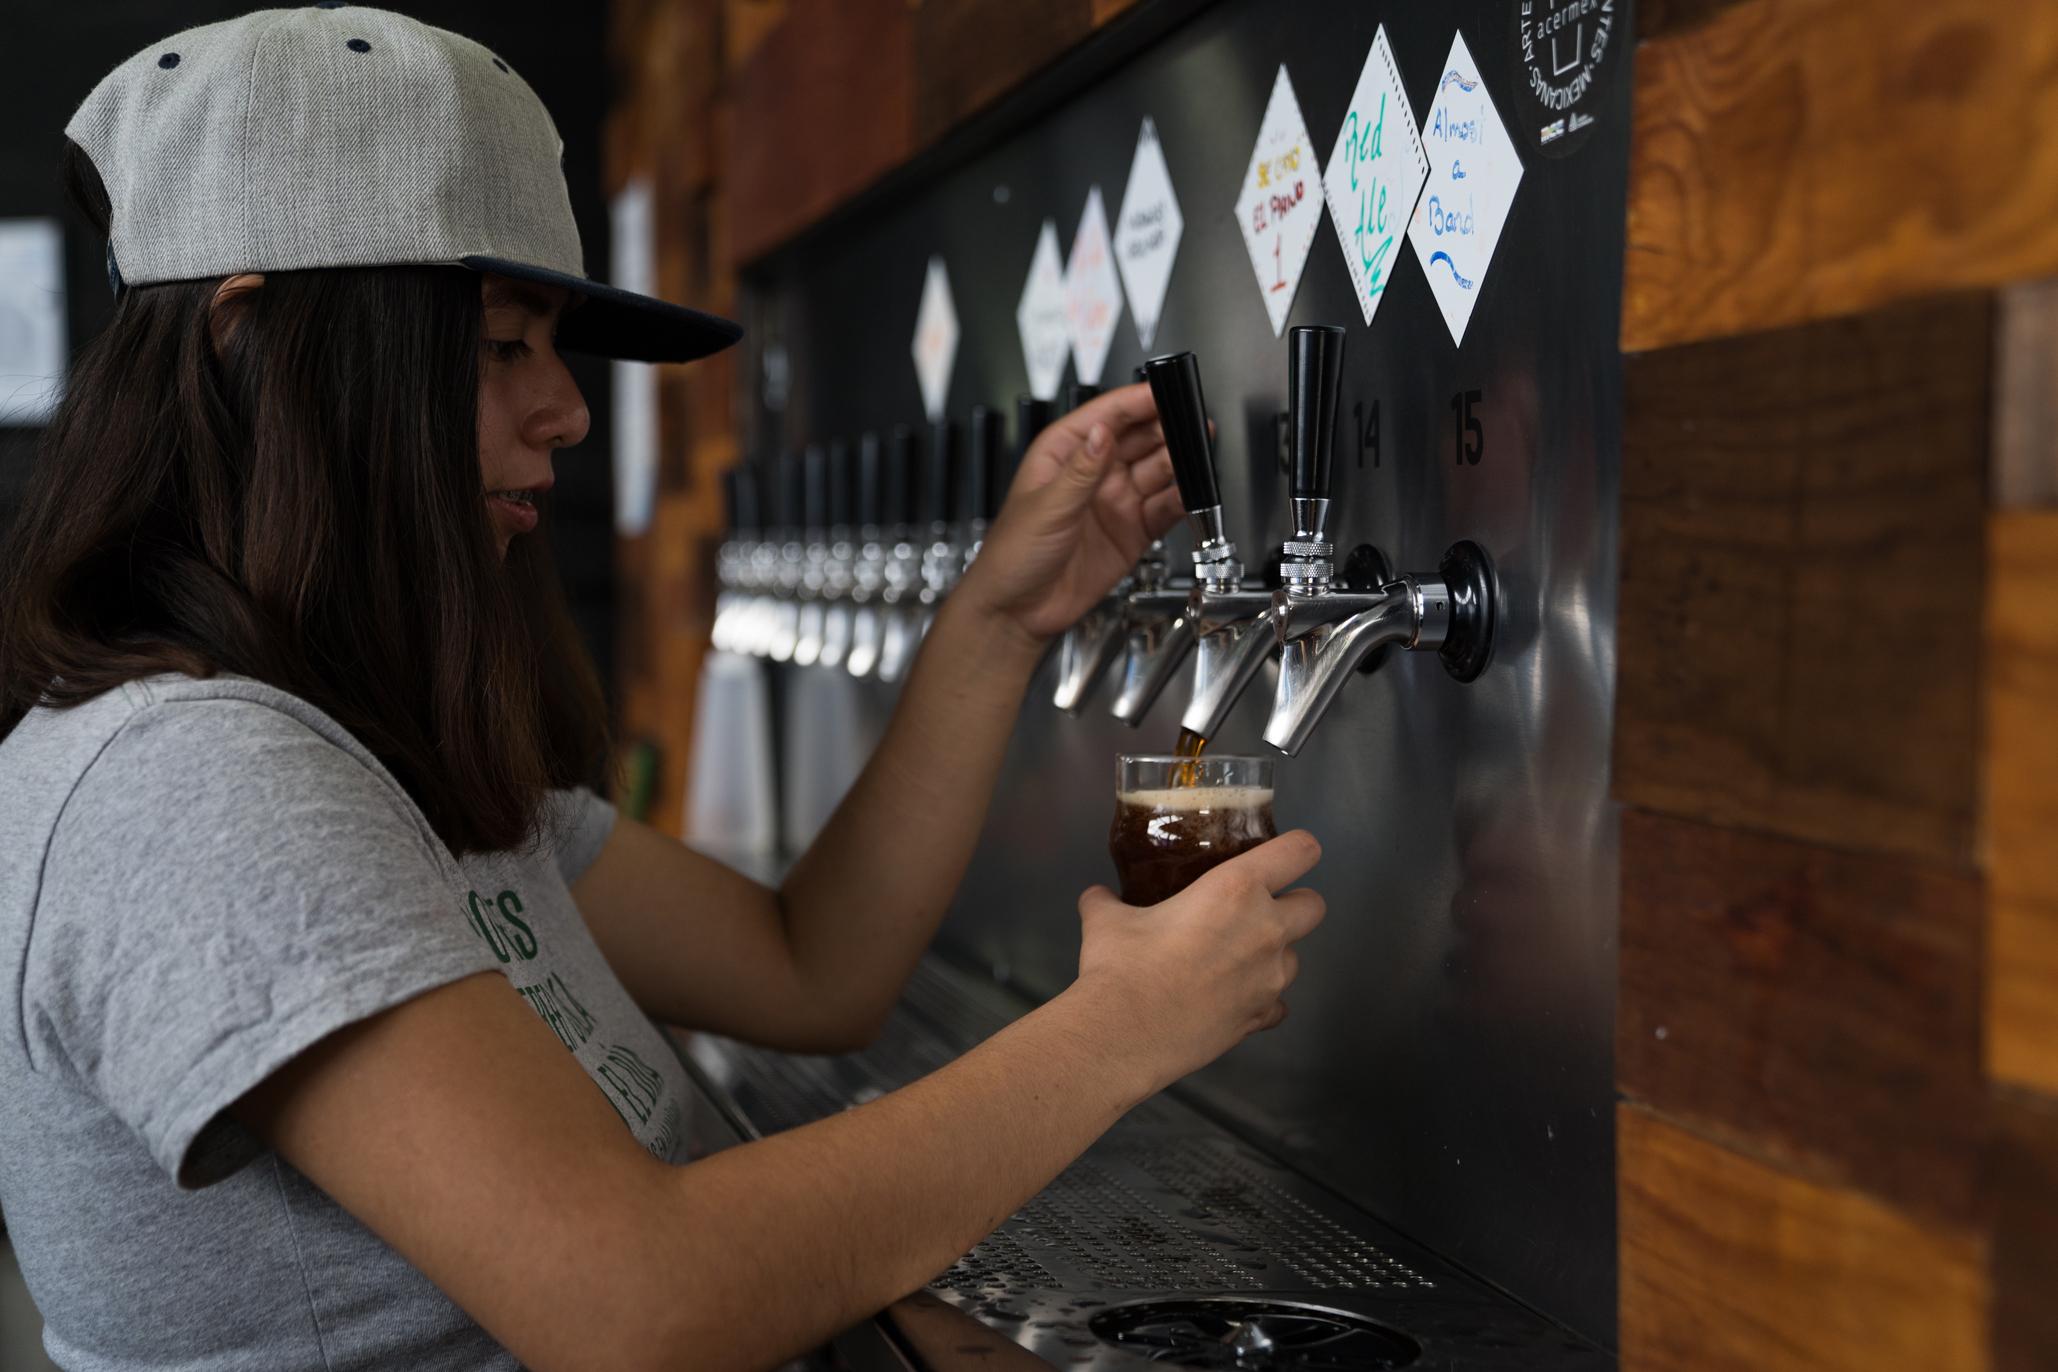 Cervezas artesanales hechas en la CDMX: lo que debes conocer y probar